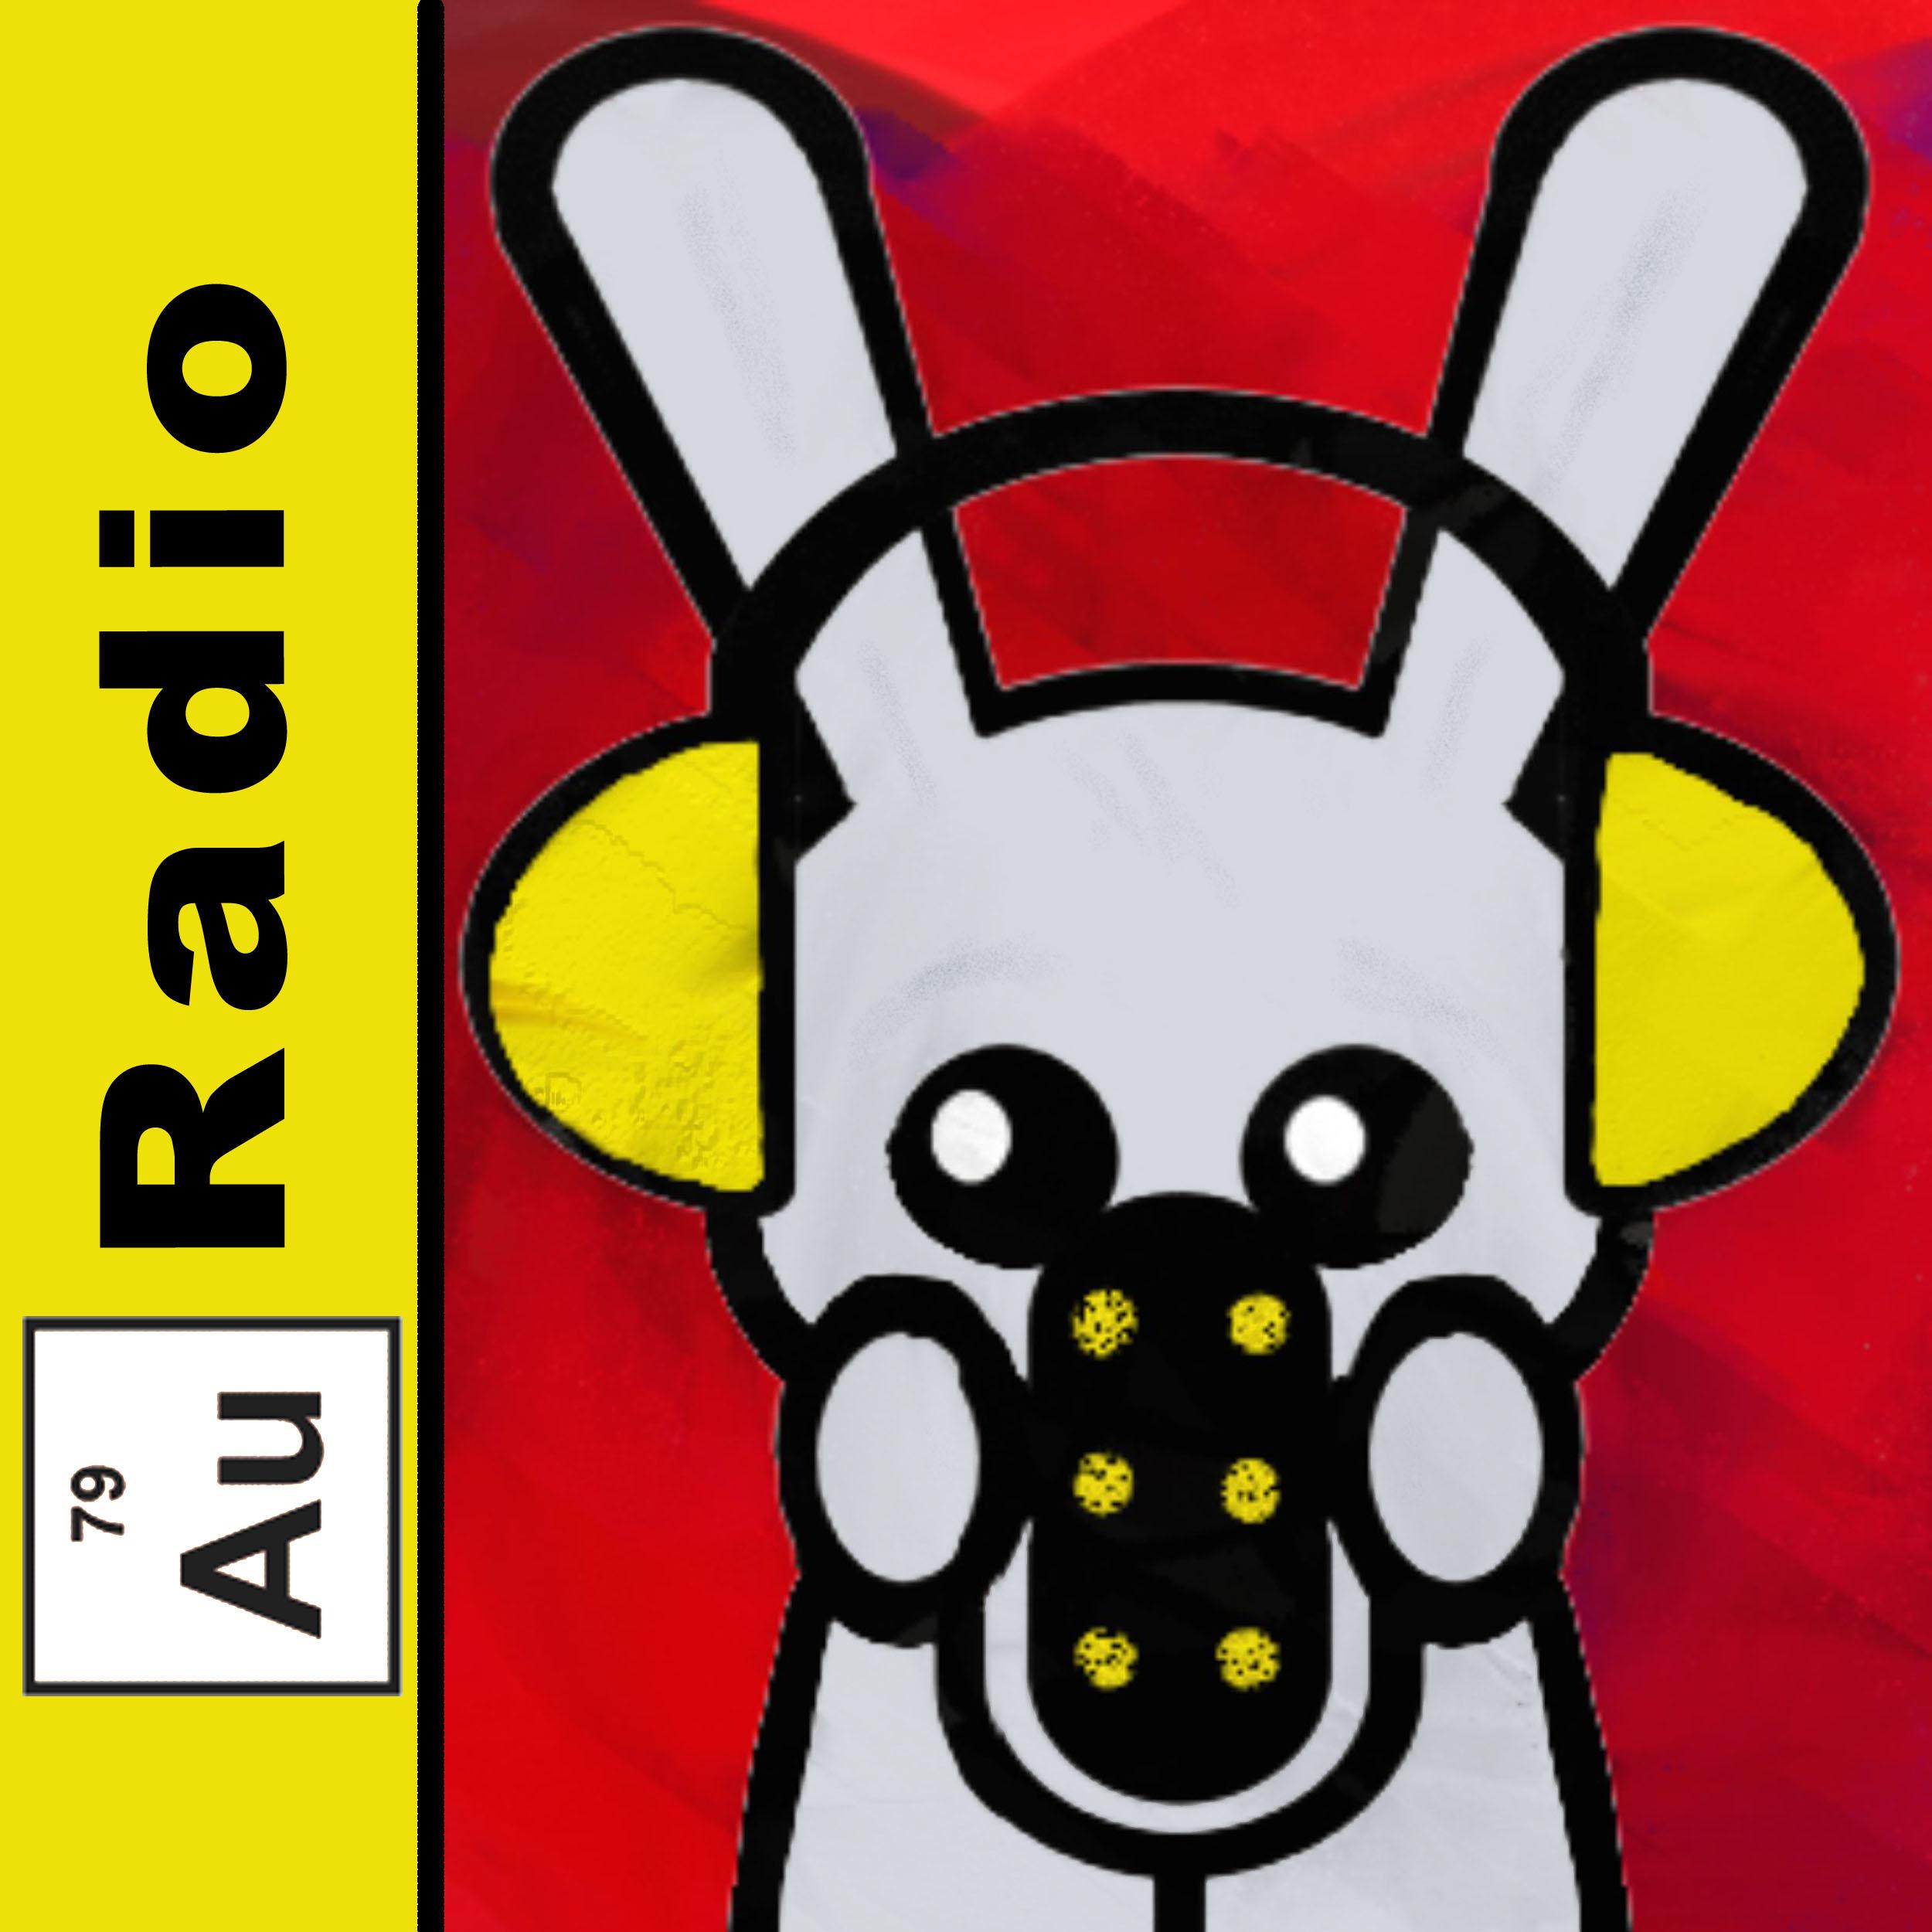 AuRadio - Adventures Underground